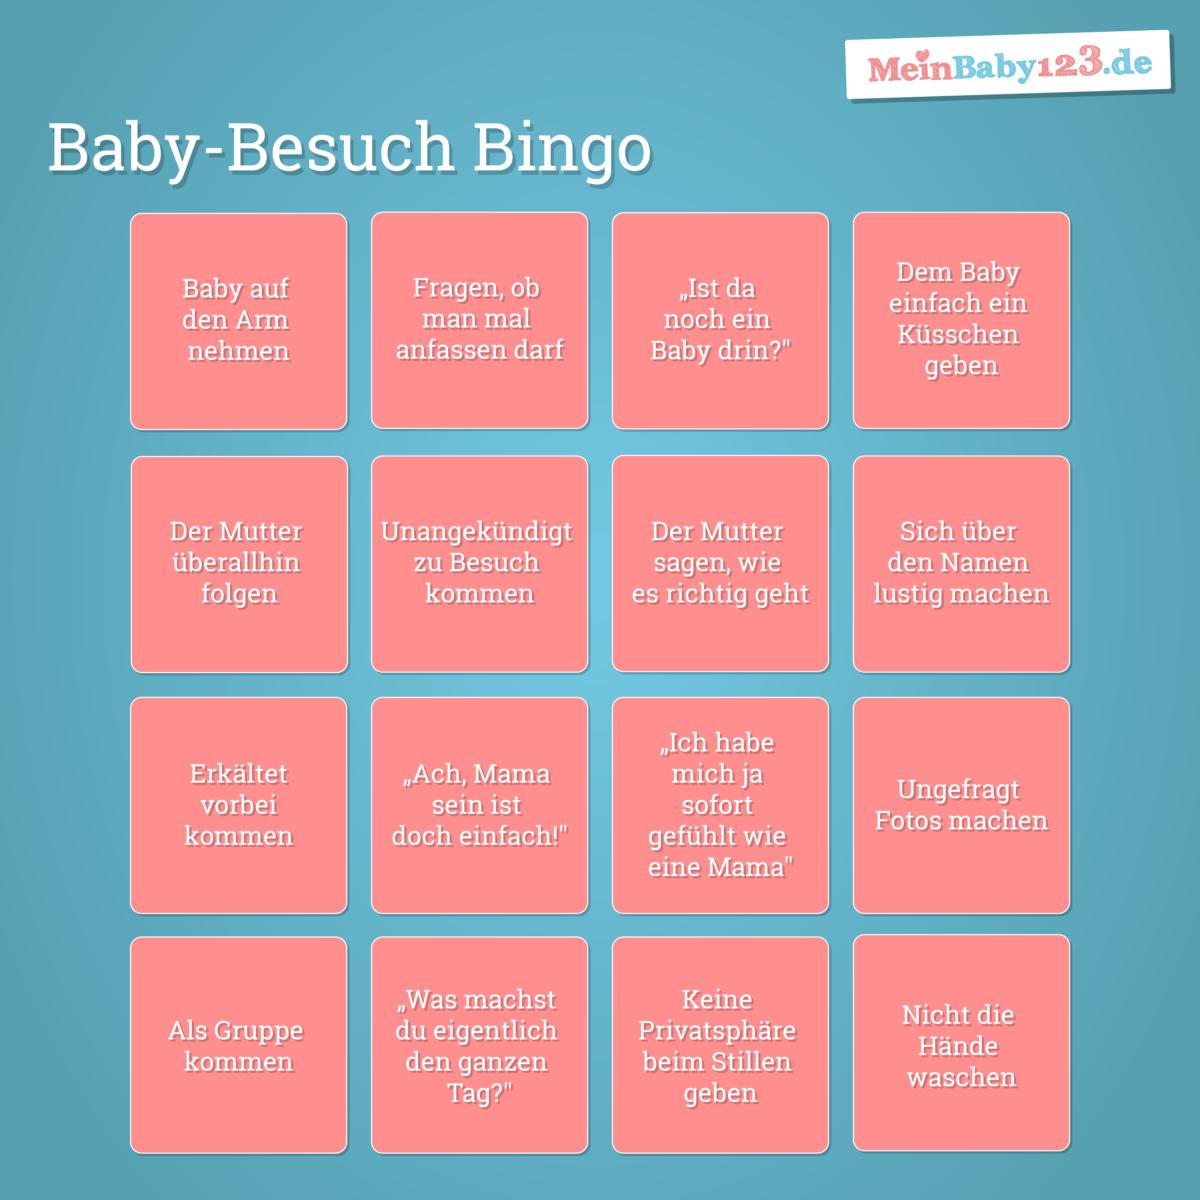 Babybesuch Bullshit Bingo